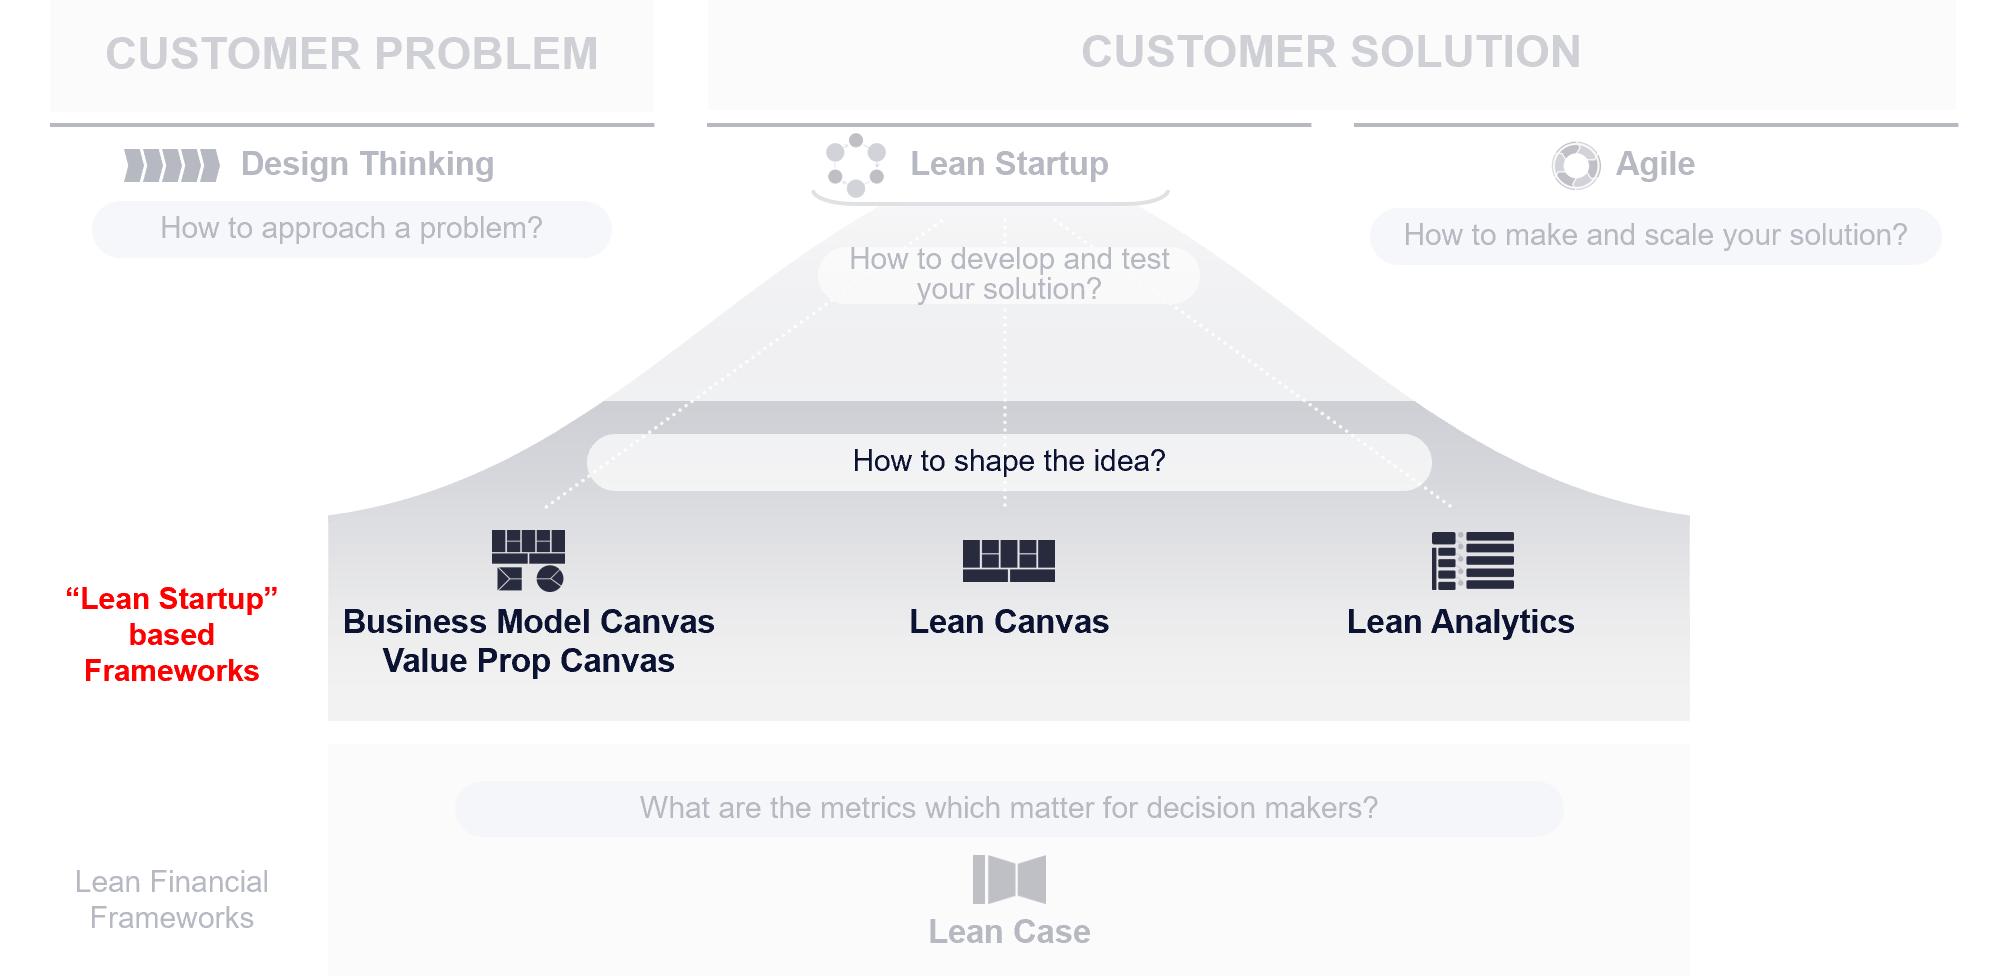 Business Model Frameworks BMS VPS Lean Startup Lean Analytics